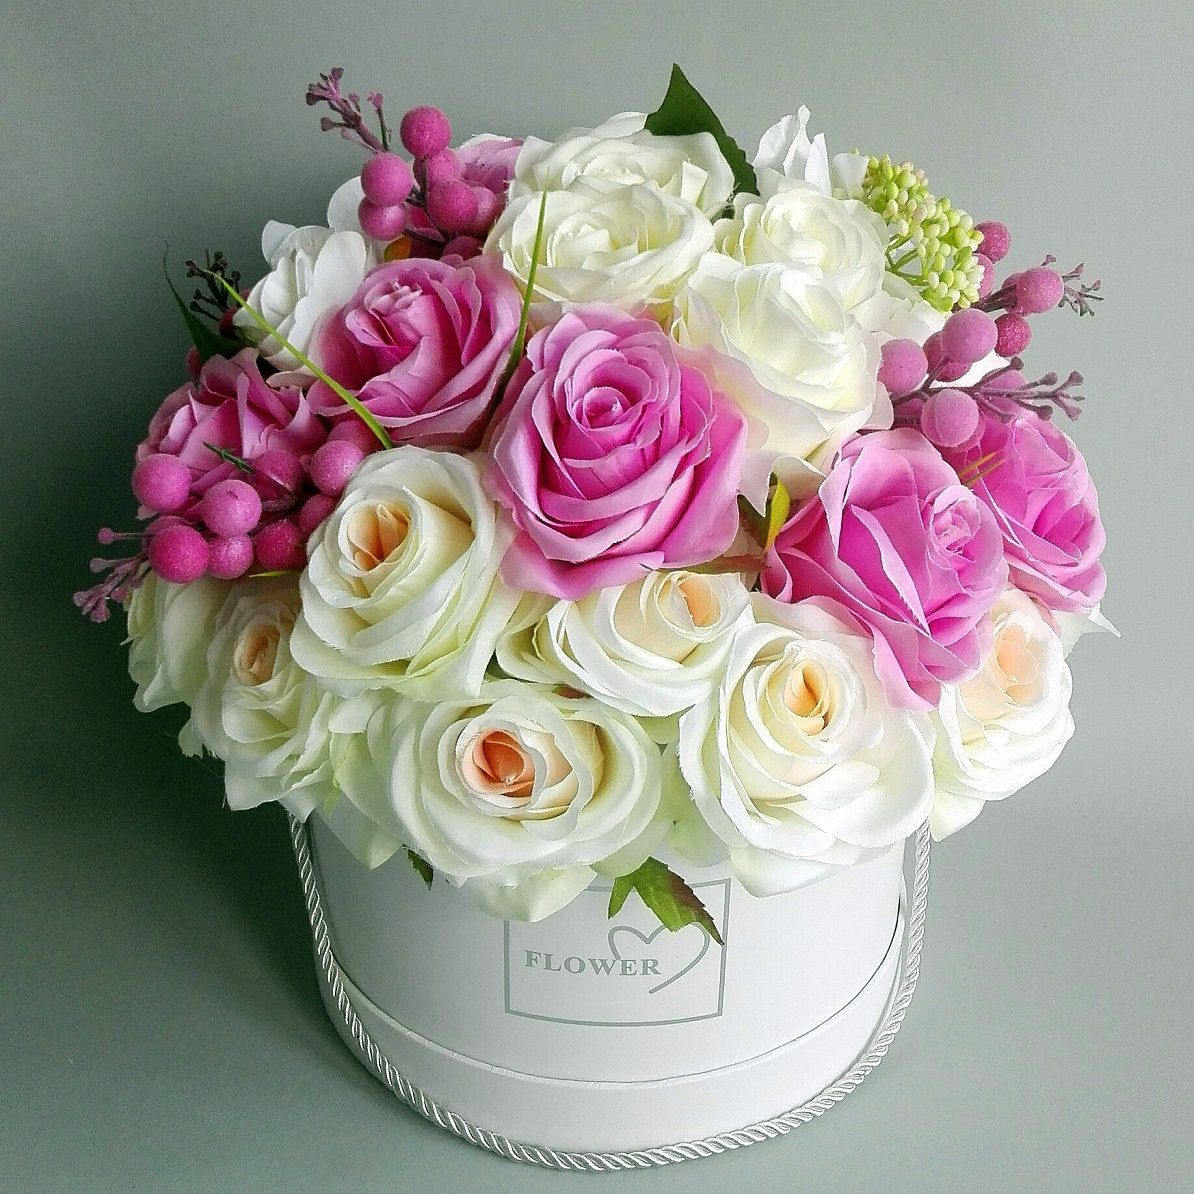 Flower Box Bialo Rozowy Uroczy Swiateczne Atelier Valentine Flower Arrangements Fresh Flowers Arrangements Flower Arrangements